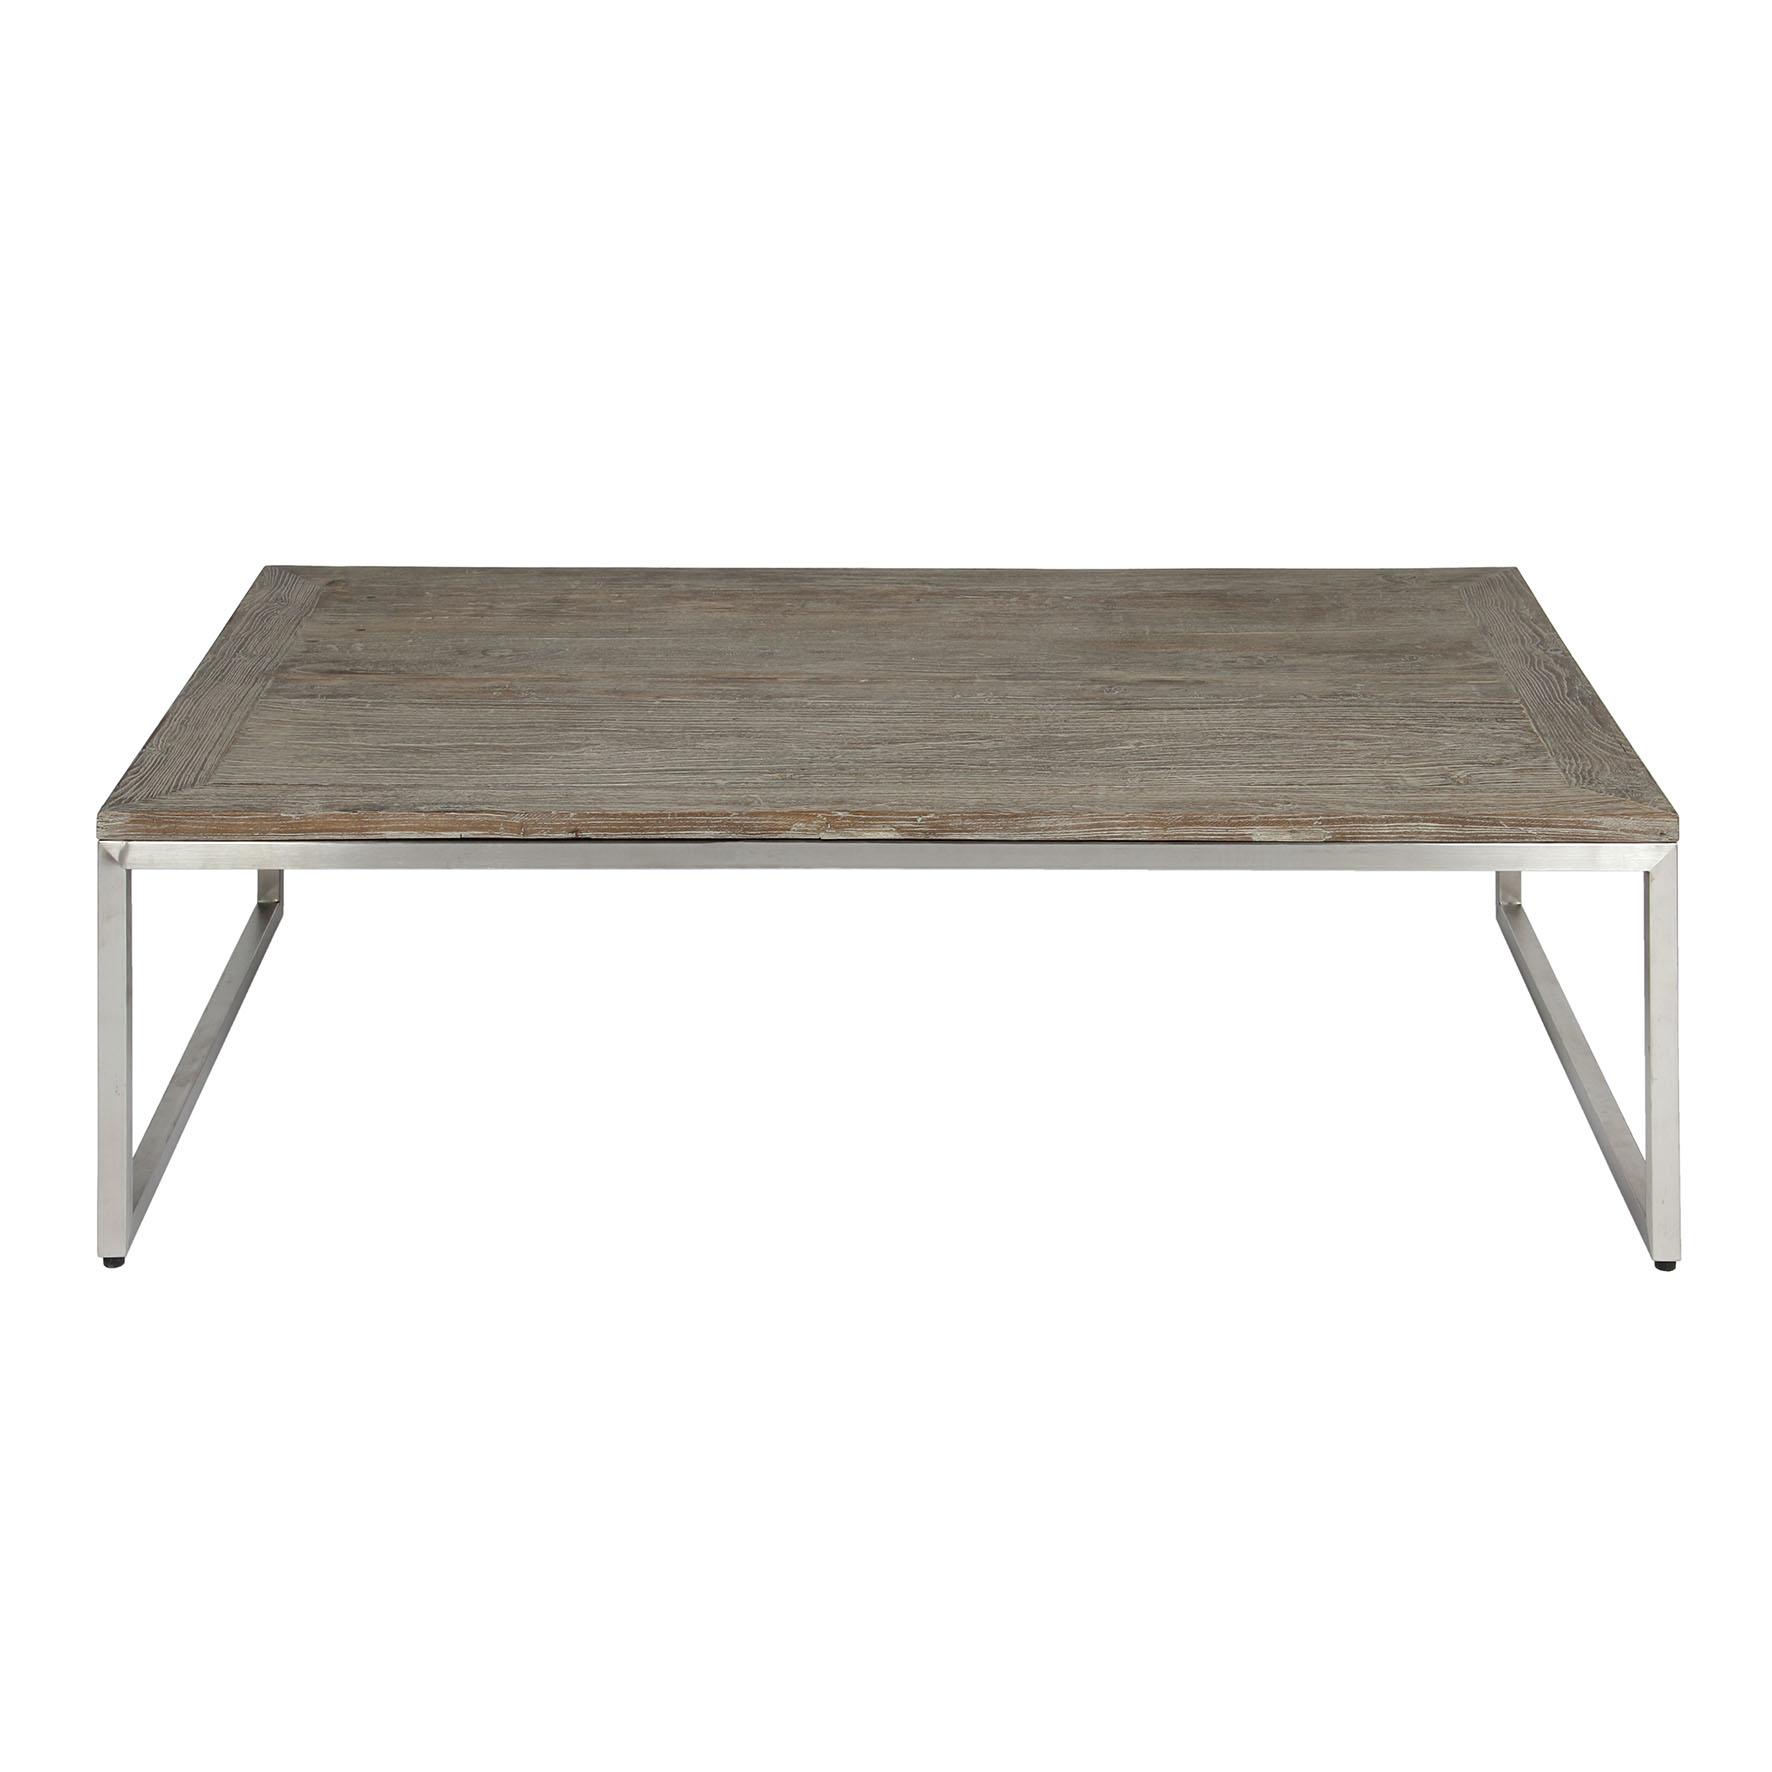 Table Basse 80 Cm Achetez votre table basse carrée 80 cm verre et